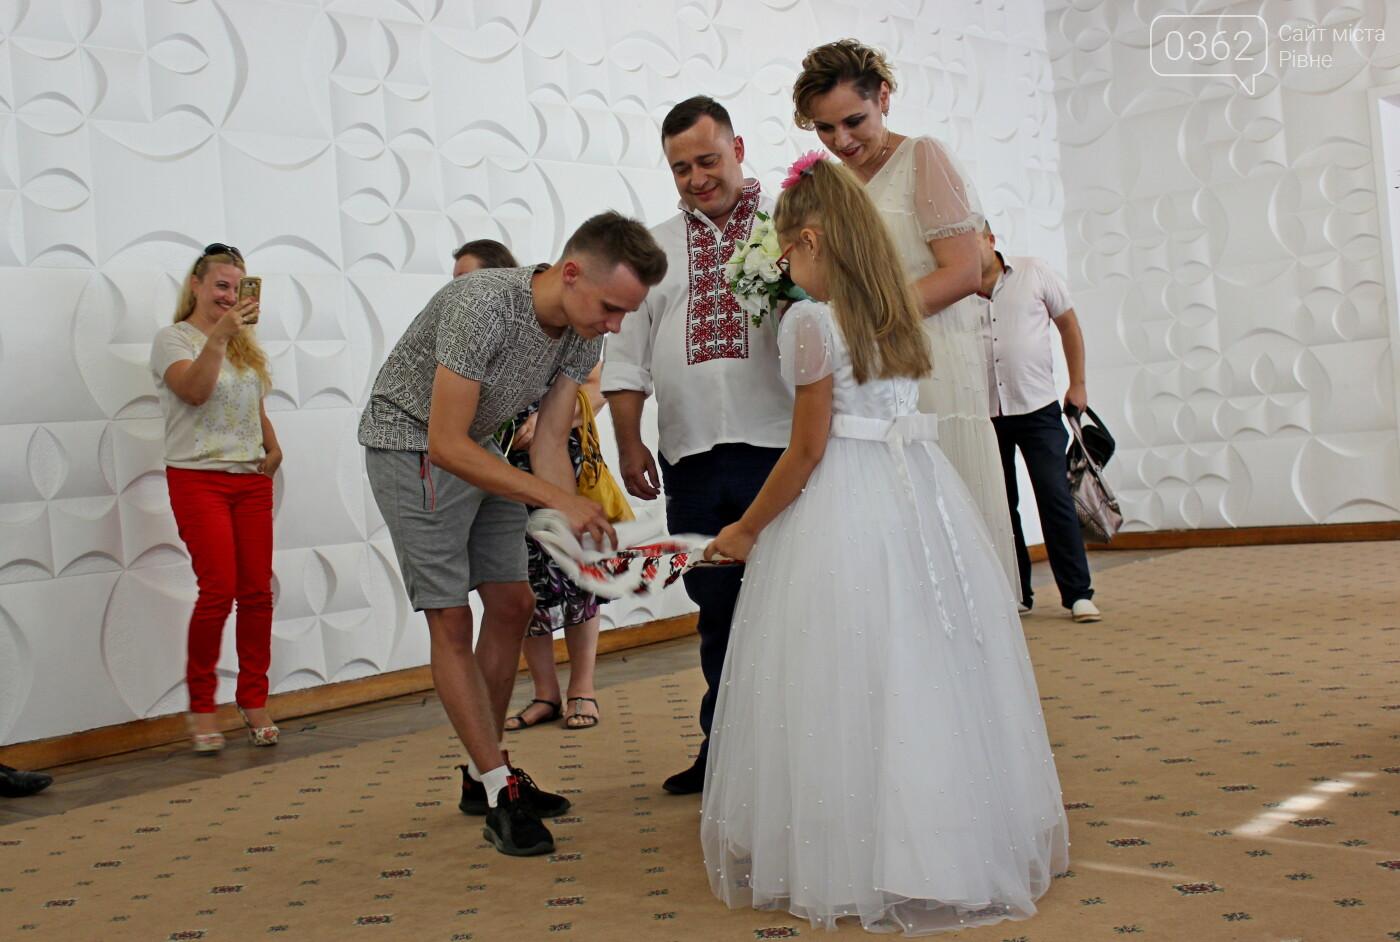 Власник рівненського сайту 0362.ua одружився вдруге (ФОТОРЕПОРТАЖ) , фото-3